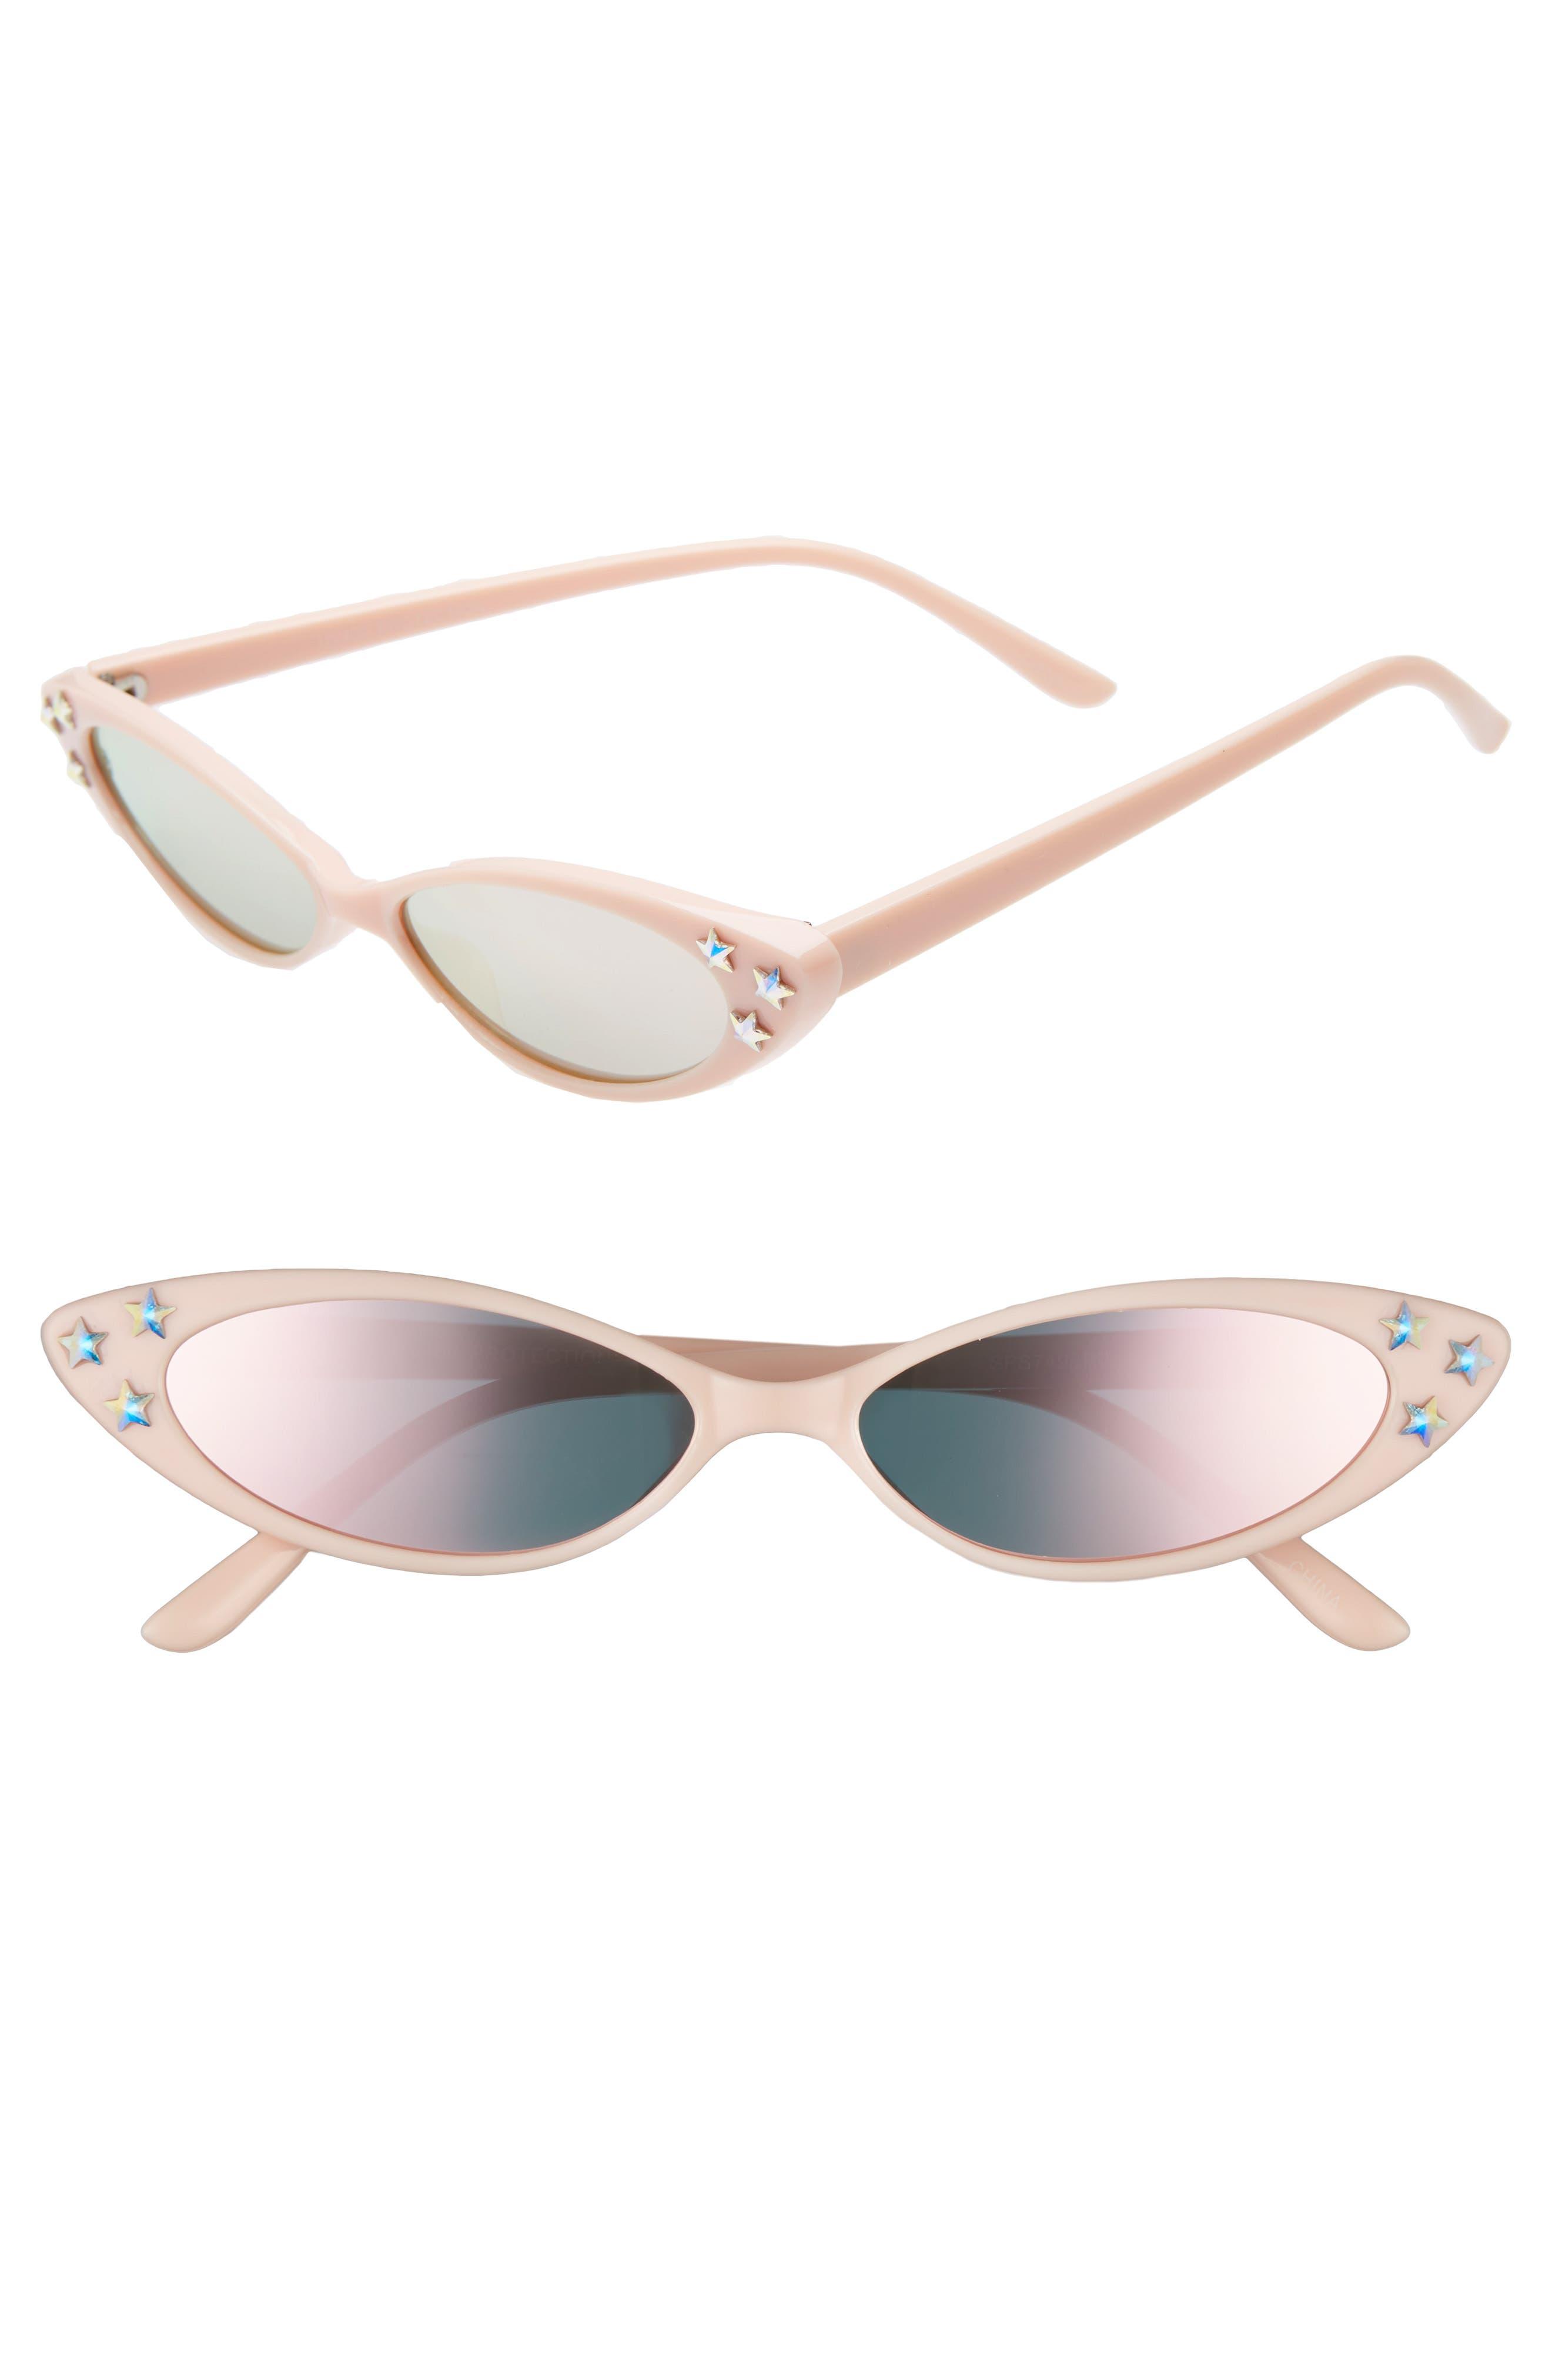 Rad + Refined Mini Oval Sunglasses - Pink/ Crystal